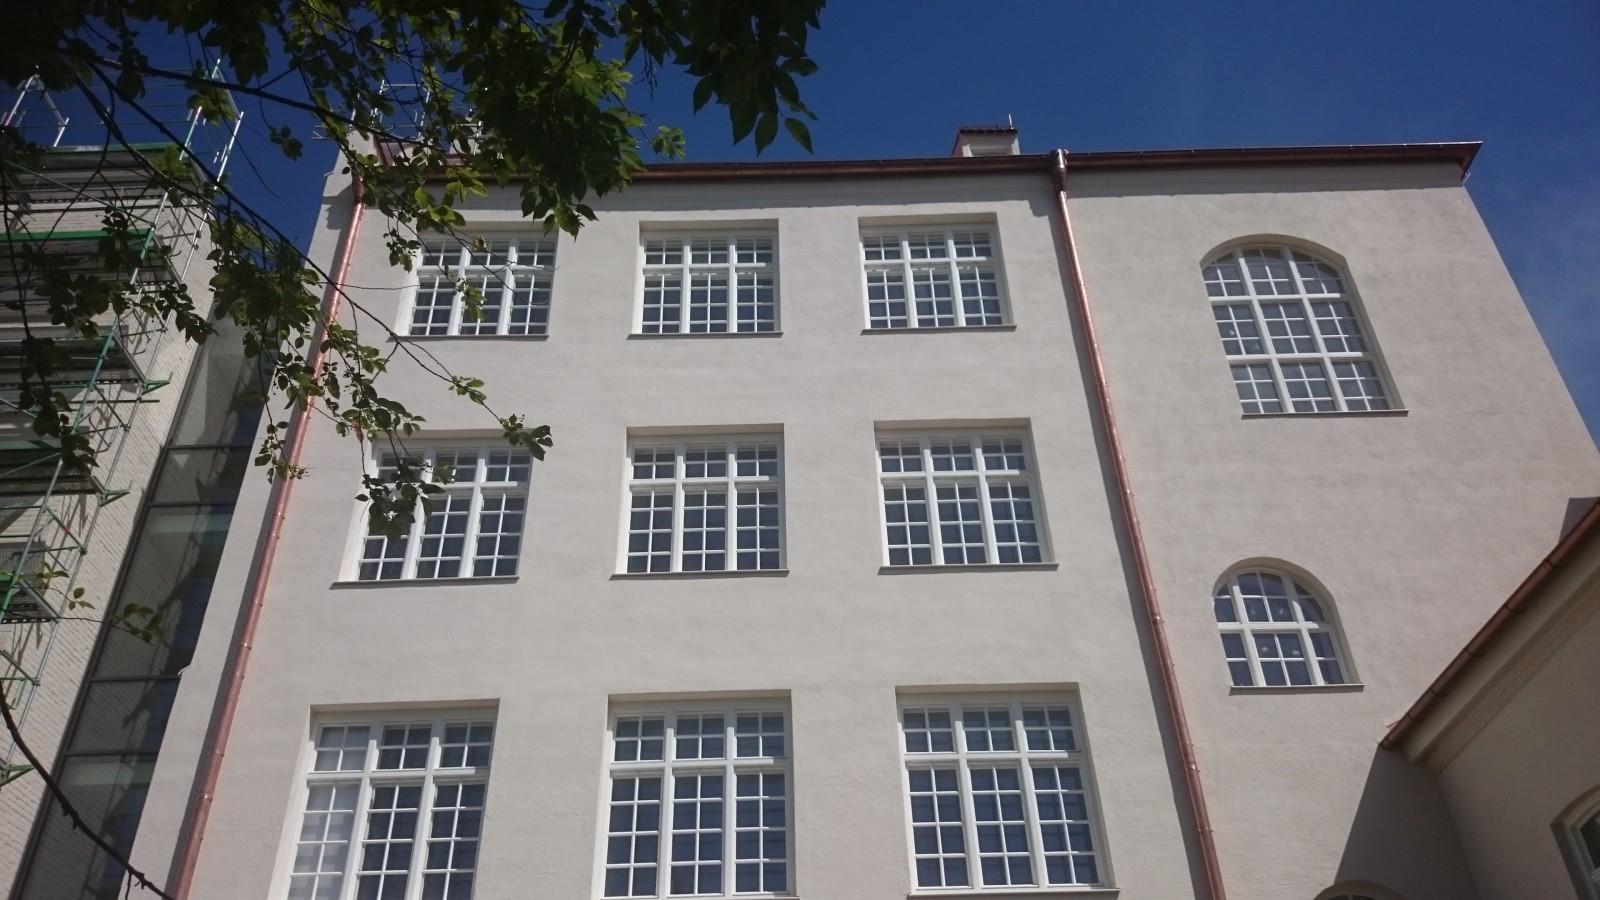 Grundschule an der Haimhauser Straße, München